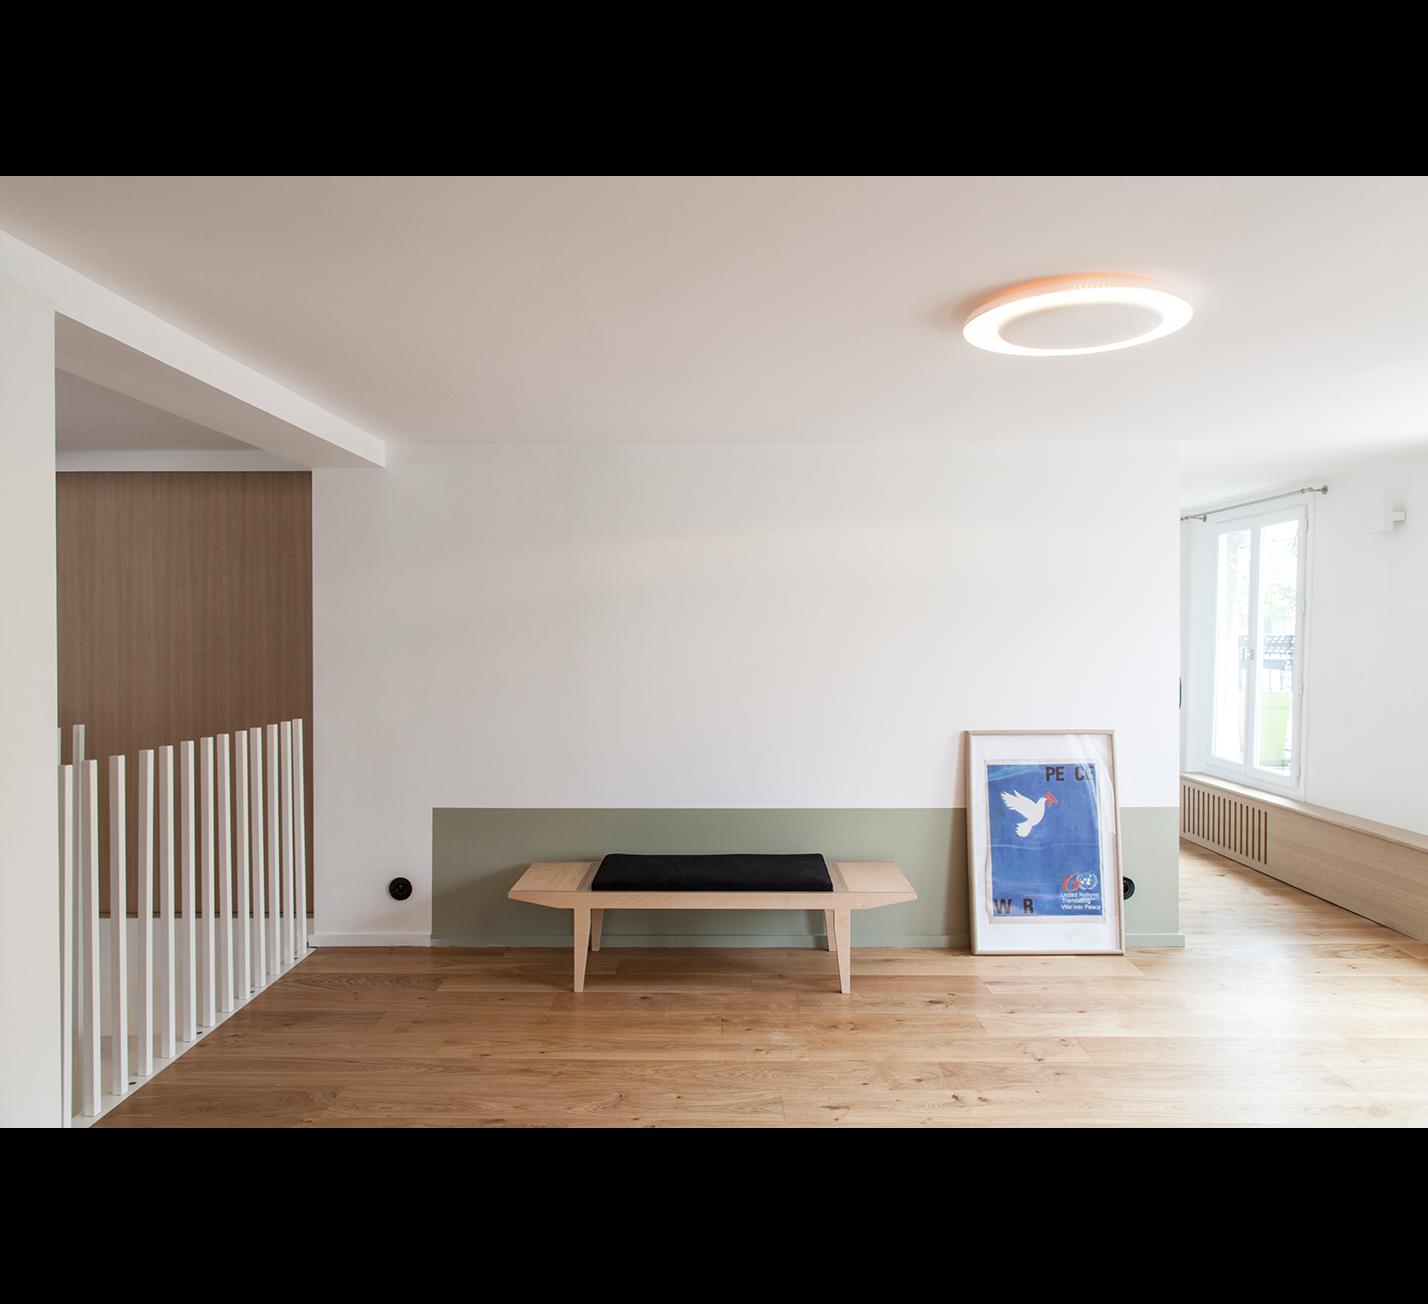 Projet-Pigalle-Atelier-Steve-Pauline-Borgia-Architecture-interieur-15